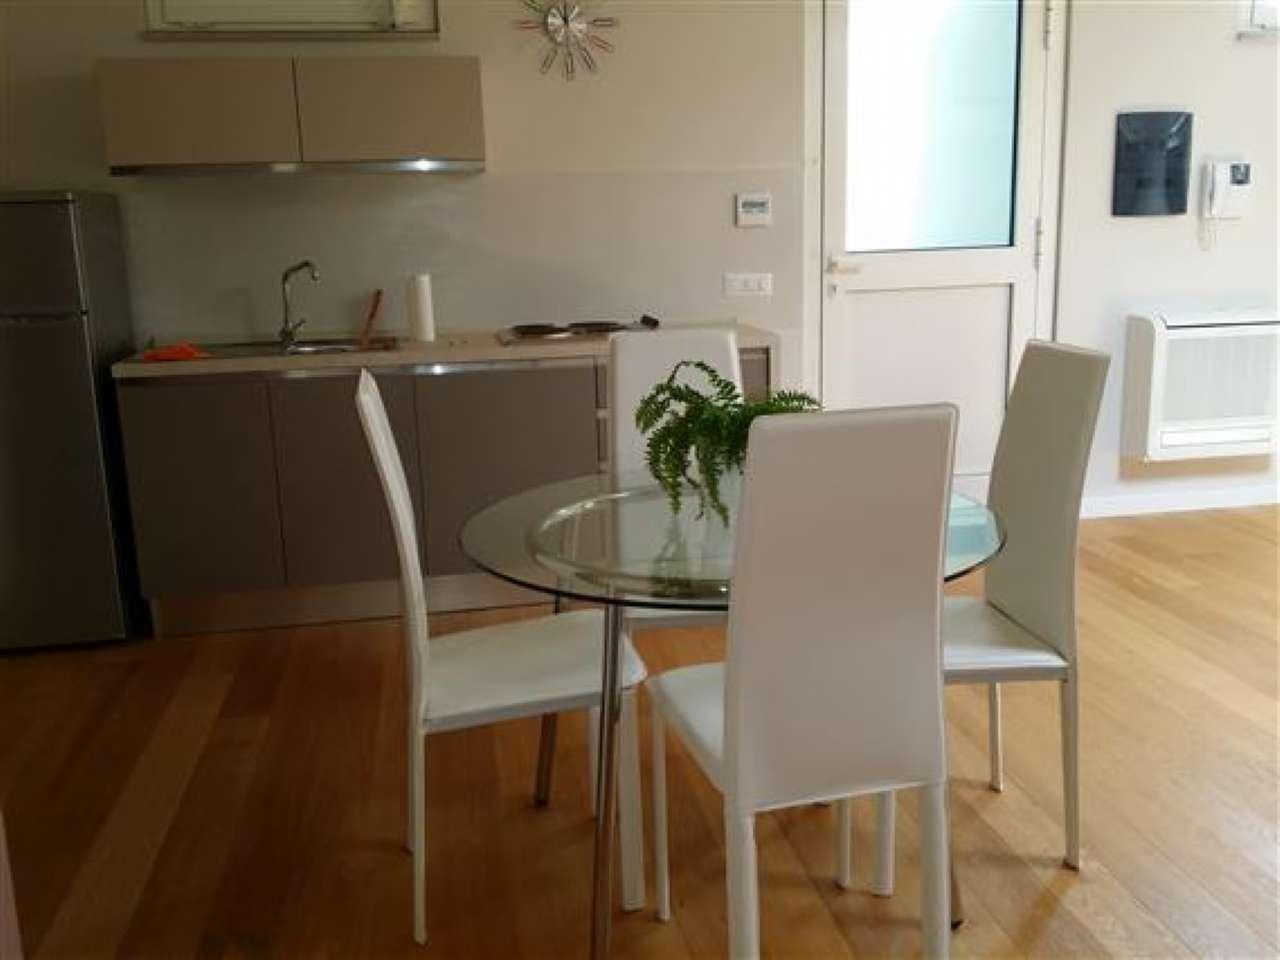 Attico / Mansarda arredato in affitto Rif. 7349623